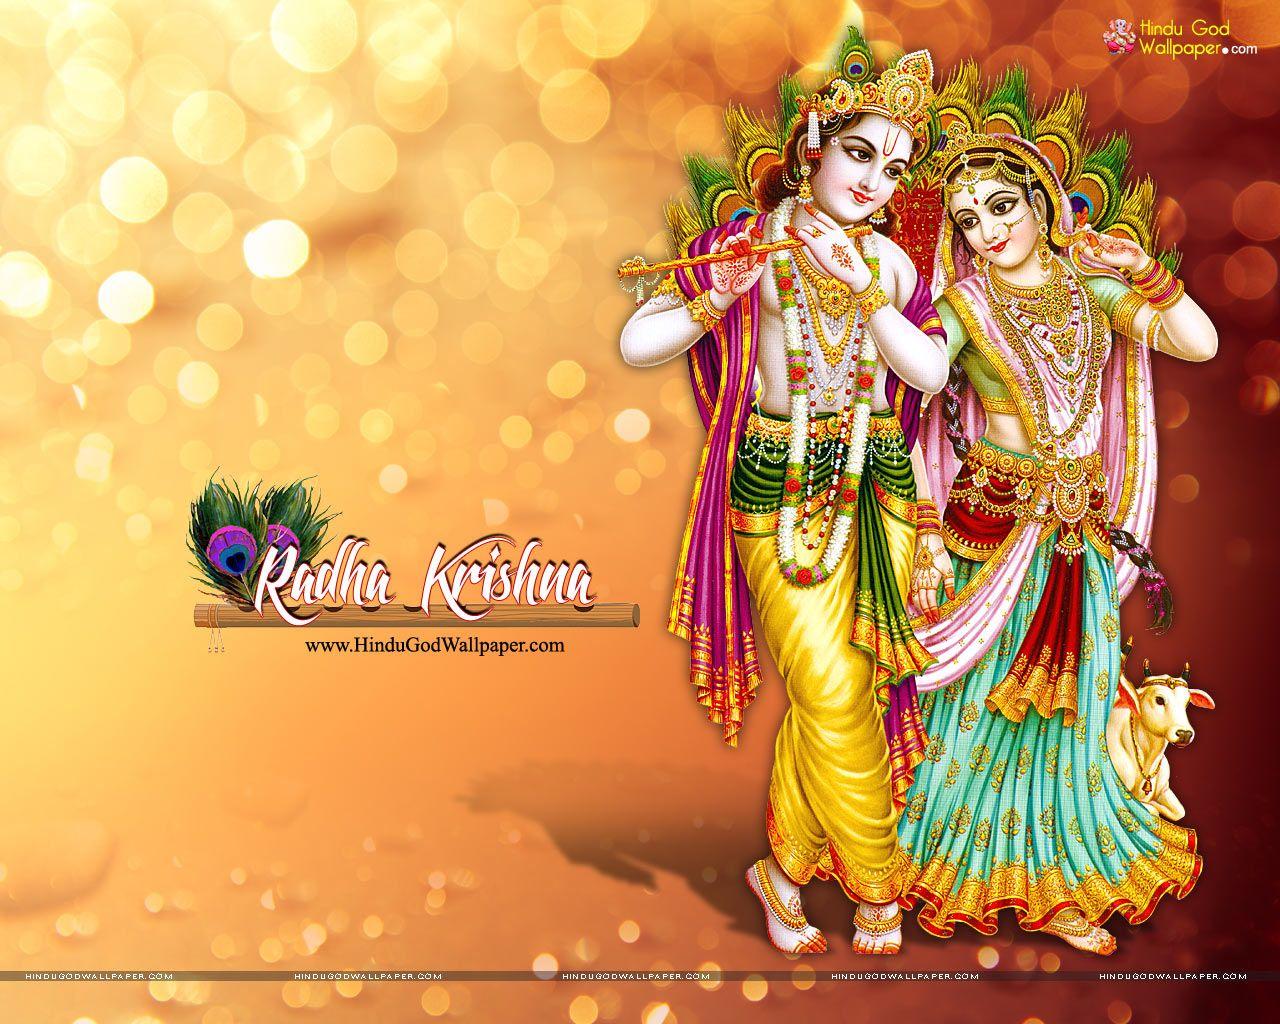 Hd wallpaper radha krishna - Radha Krishna High Resolution Hd Wallpapers Download Lord Krishna Wallpapers Pinterest Krishna Wallpaper Downloads And Hd Wallpaper